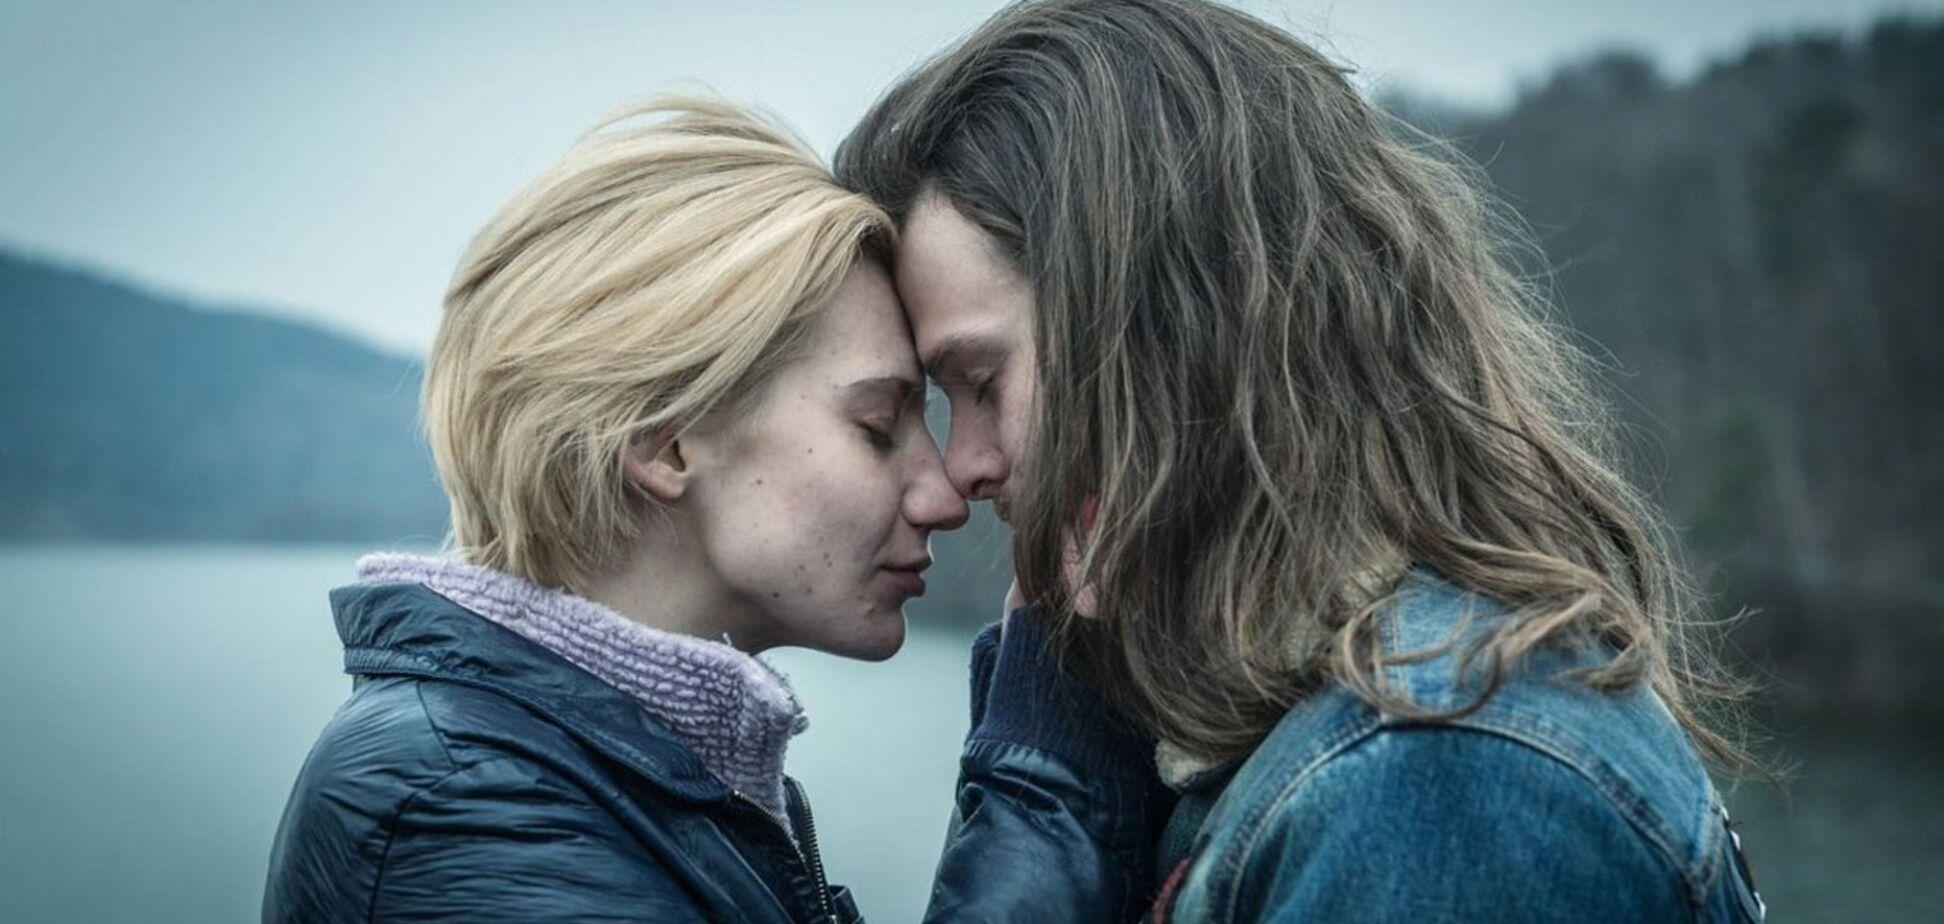 Что посмотреть на фестивале 'Молодость': советы кинокритика